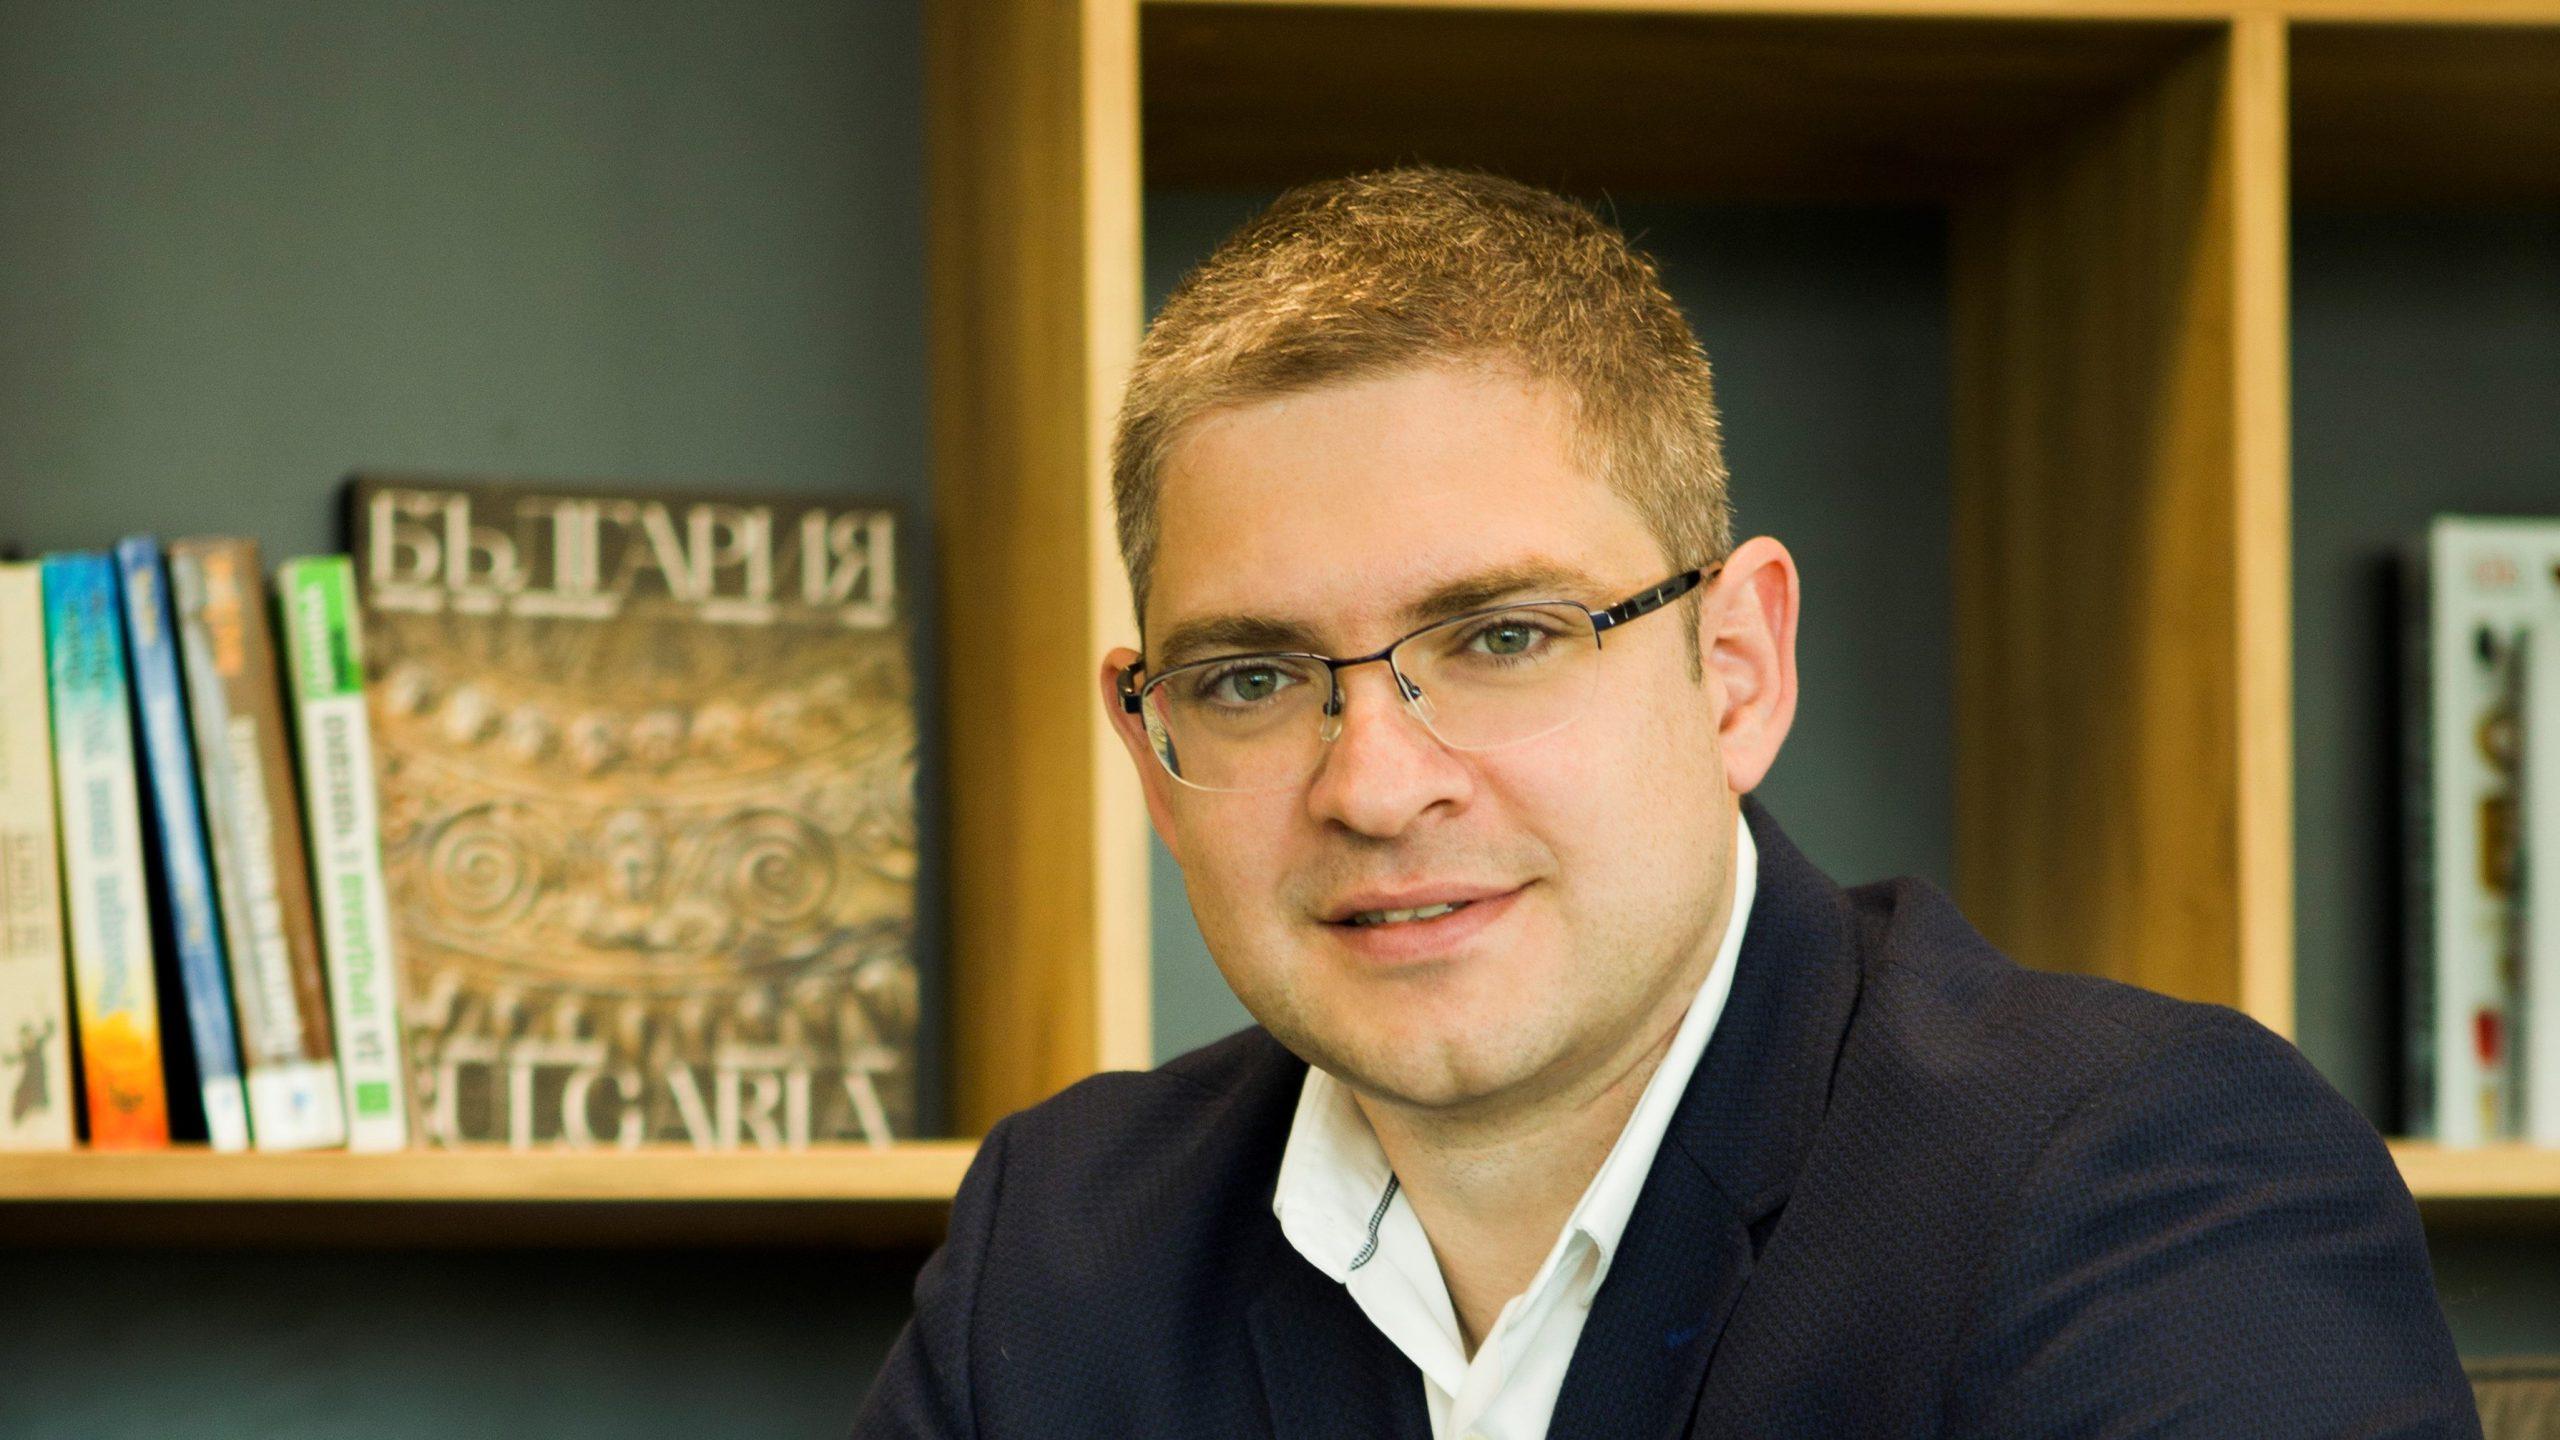 """Investor.bg: """"Иван Житиянов: COVID-19 ще е катализатор за внедряване на много IT решения"""""""